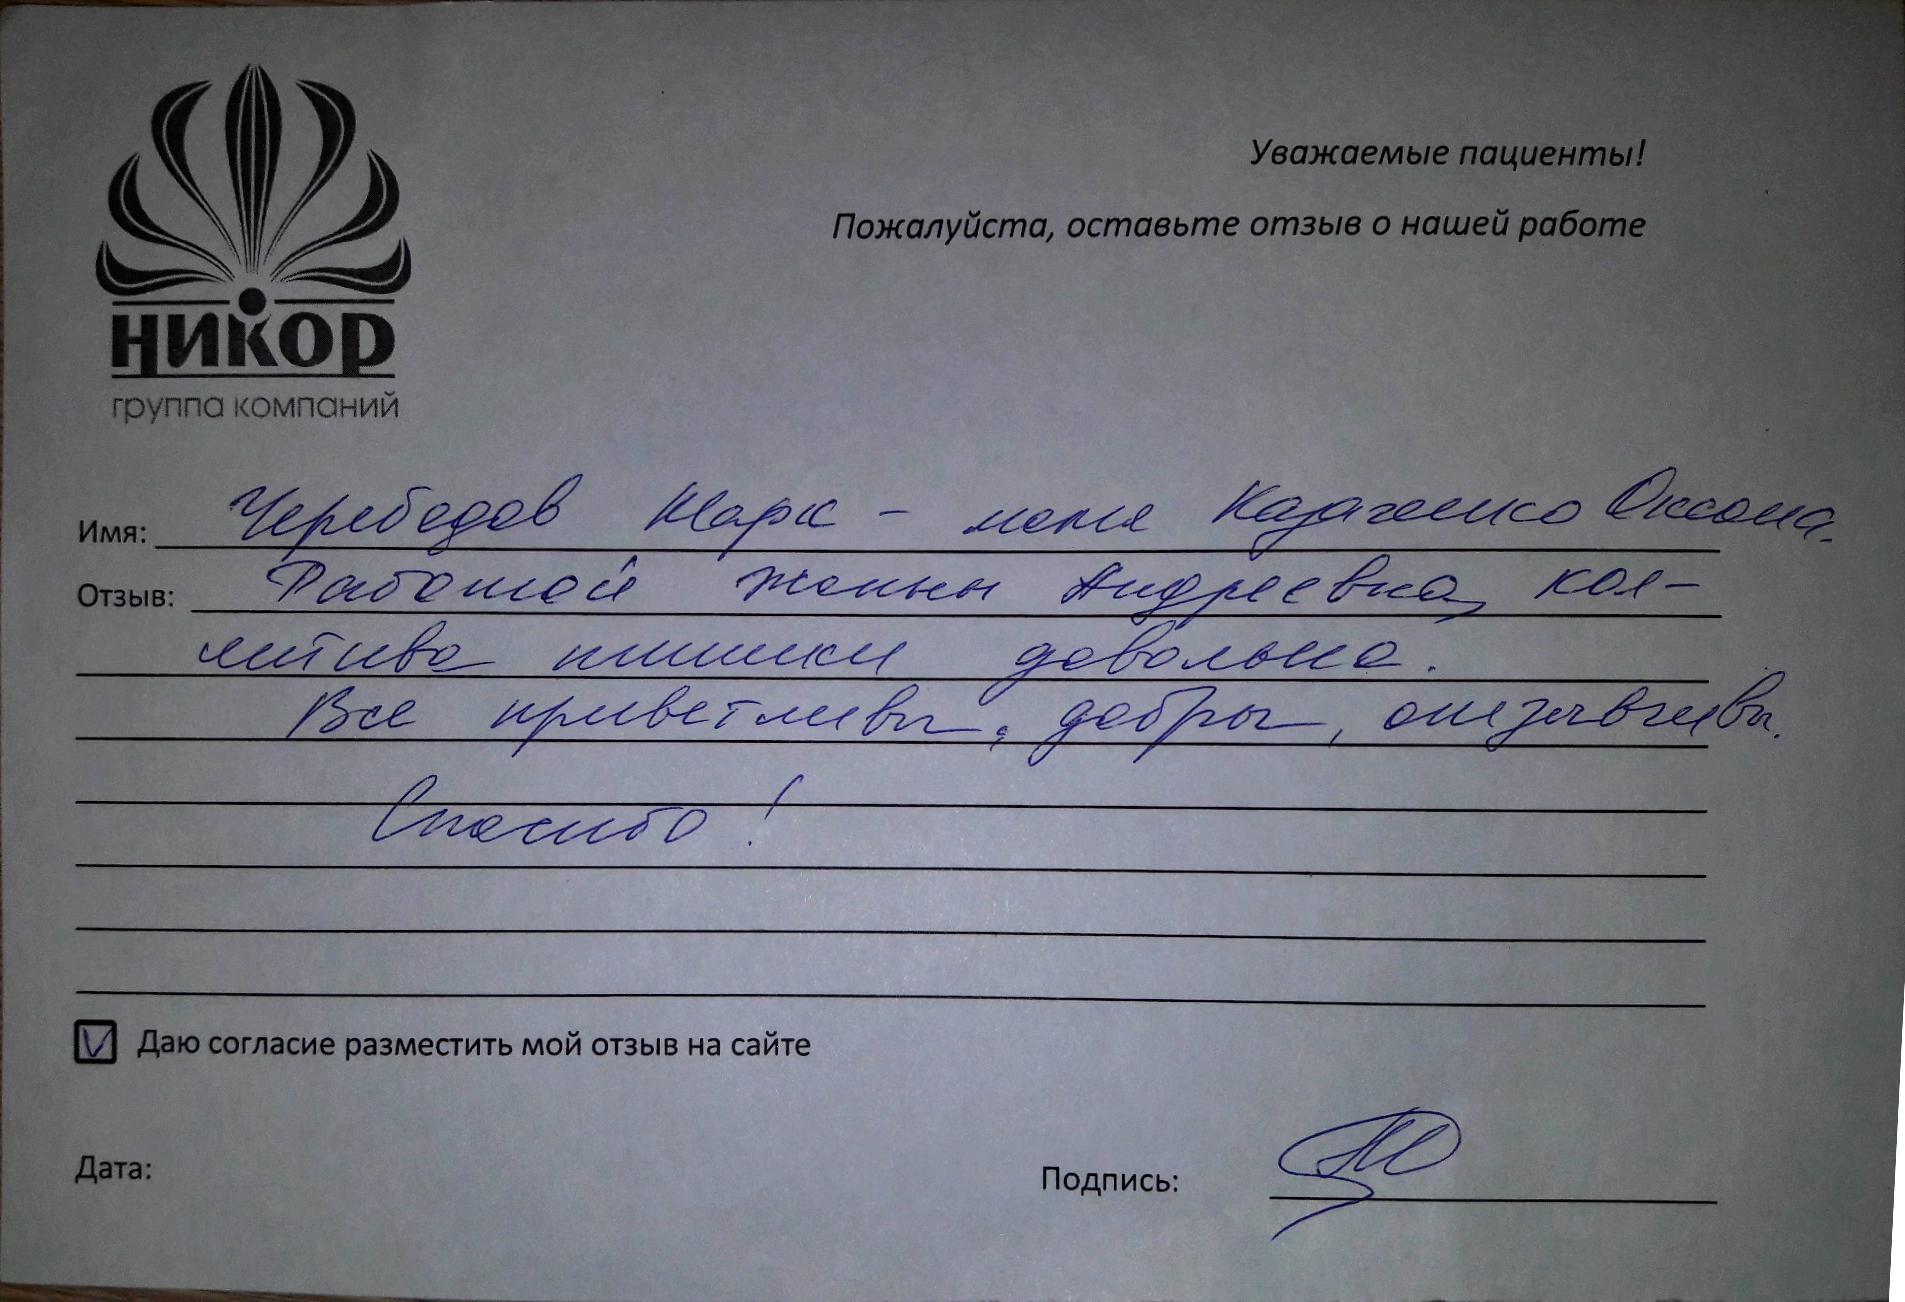 Черебедов Марис - жена Кадаченко Оксана